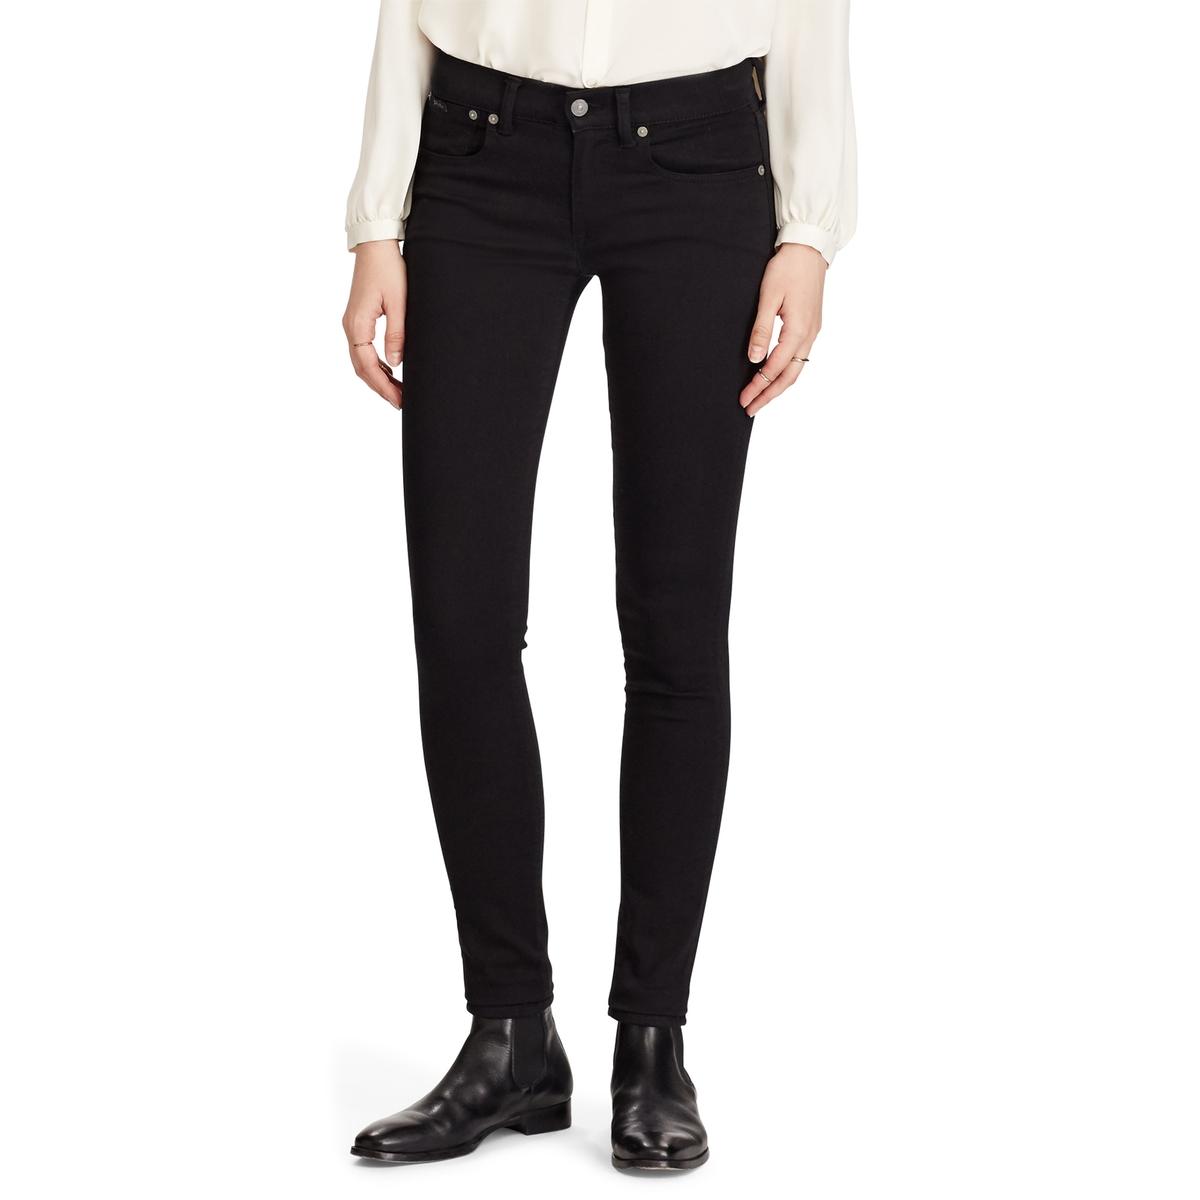 Джинсы La Redoute Скинни 27 (US) - 42/44 (RUS) черный джинсы la redoute узкие wilda 26 us 42 rus черный